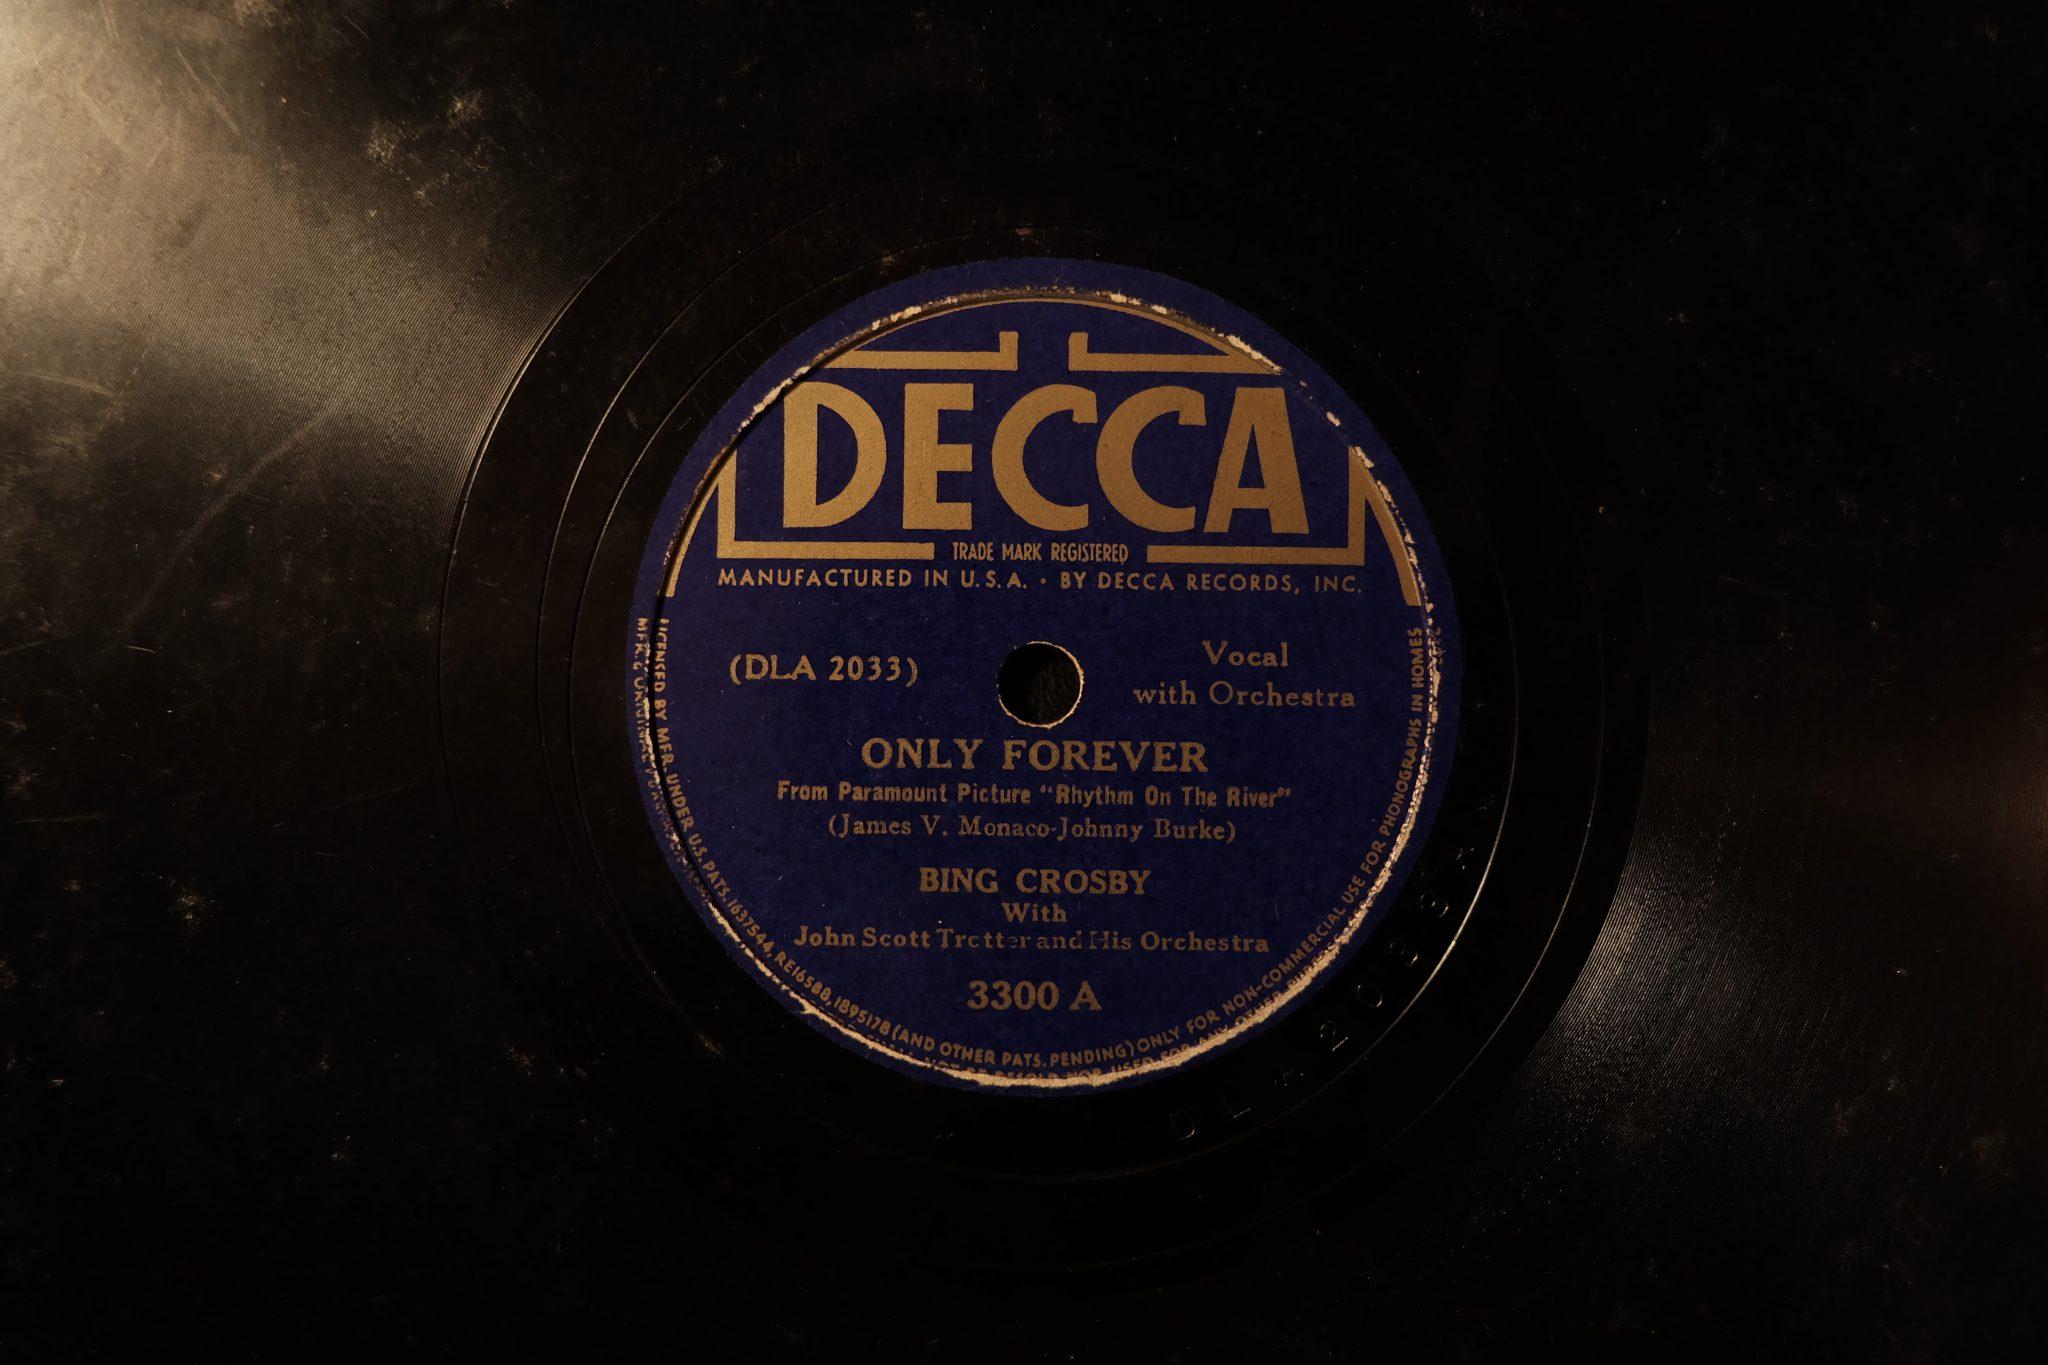 Bing Crosby - Star Dust